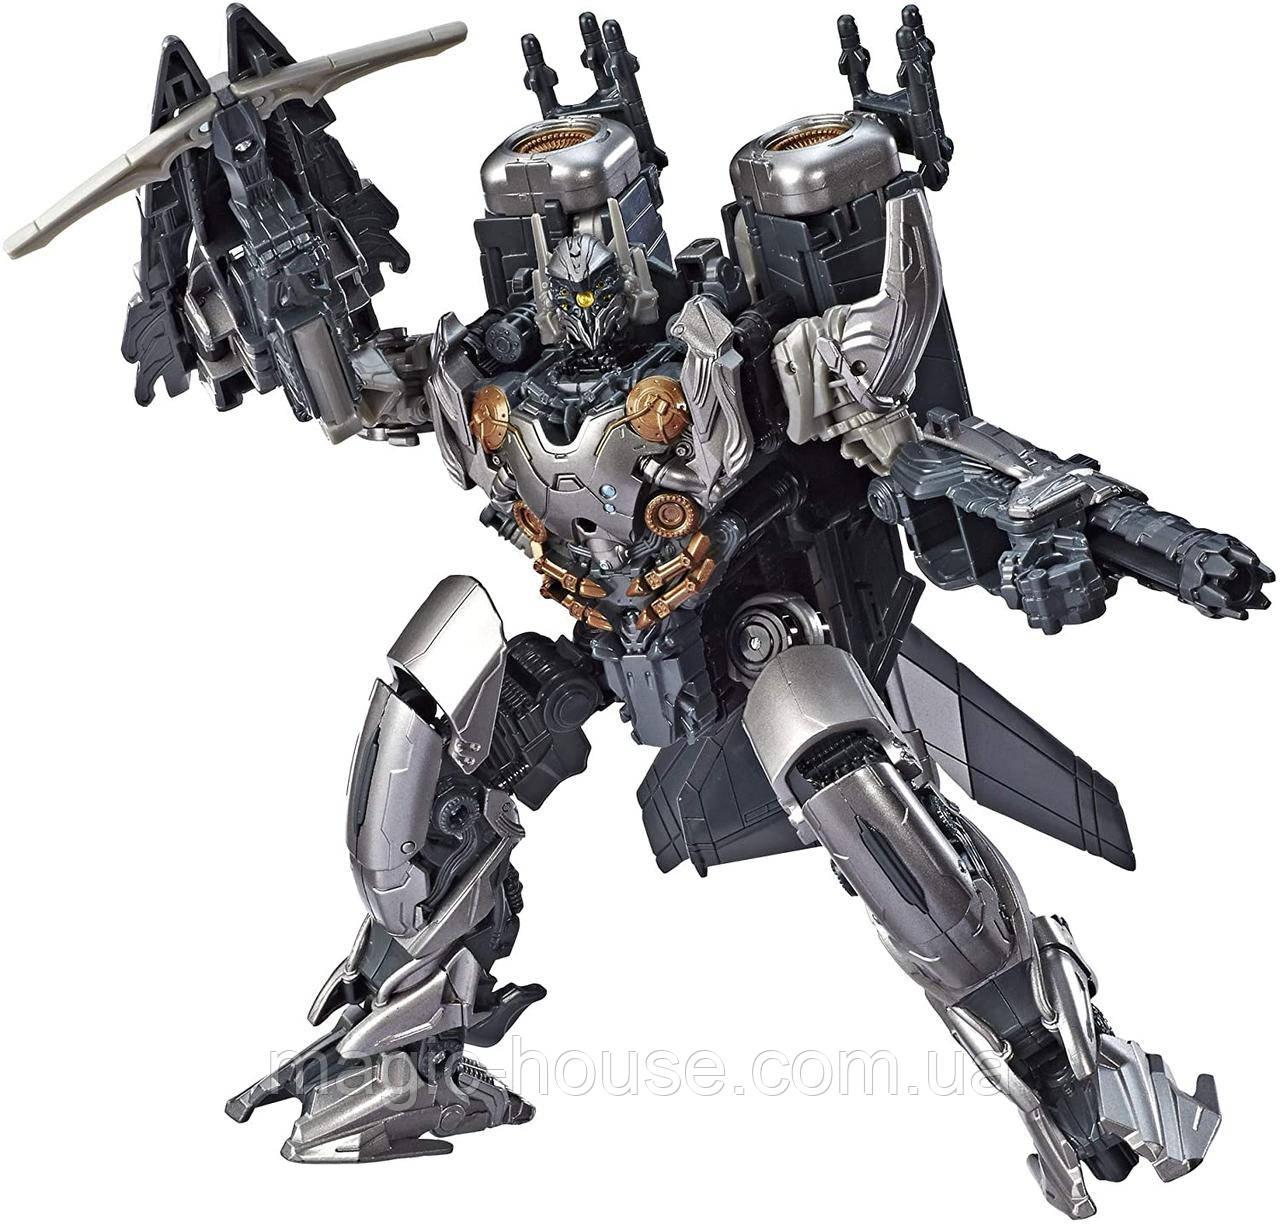 Трансформер KSI Boss Реактивный Самолет Action Figure Оригинал Transformers